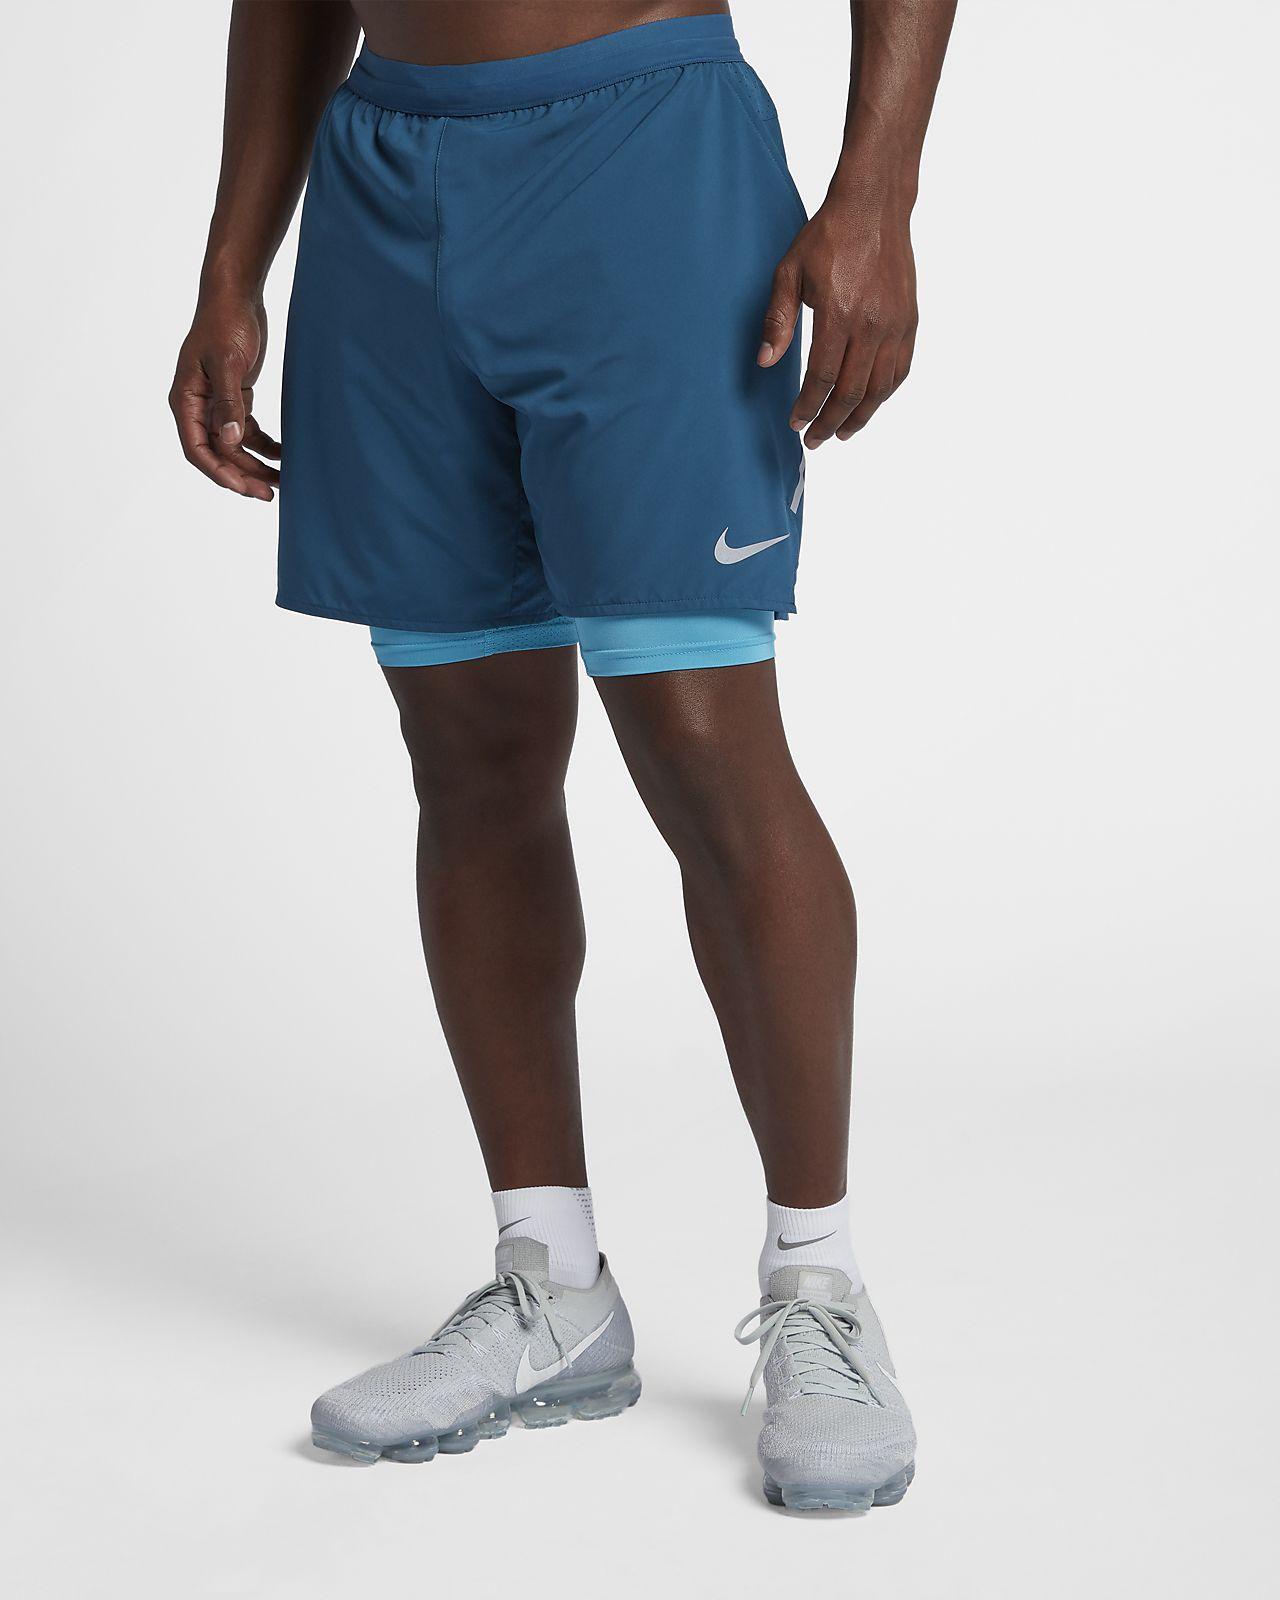 pas cher professionnel exclusif Nike Distance De 2-en-1 Mens 7 Short De Course énorme surprise meilleur fournisseur l1jy7